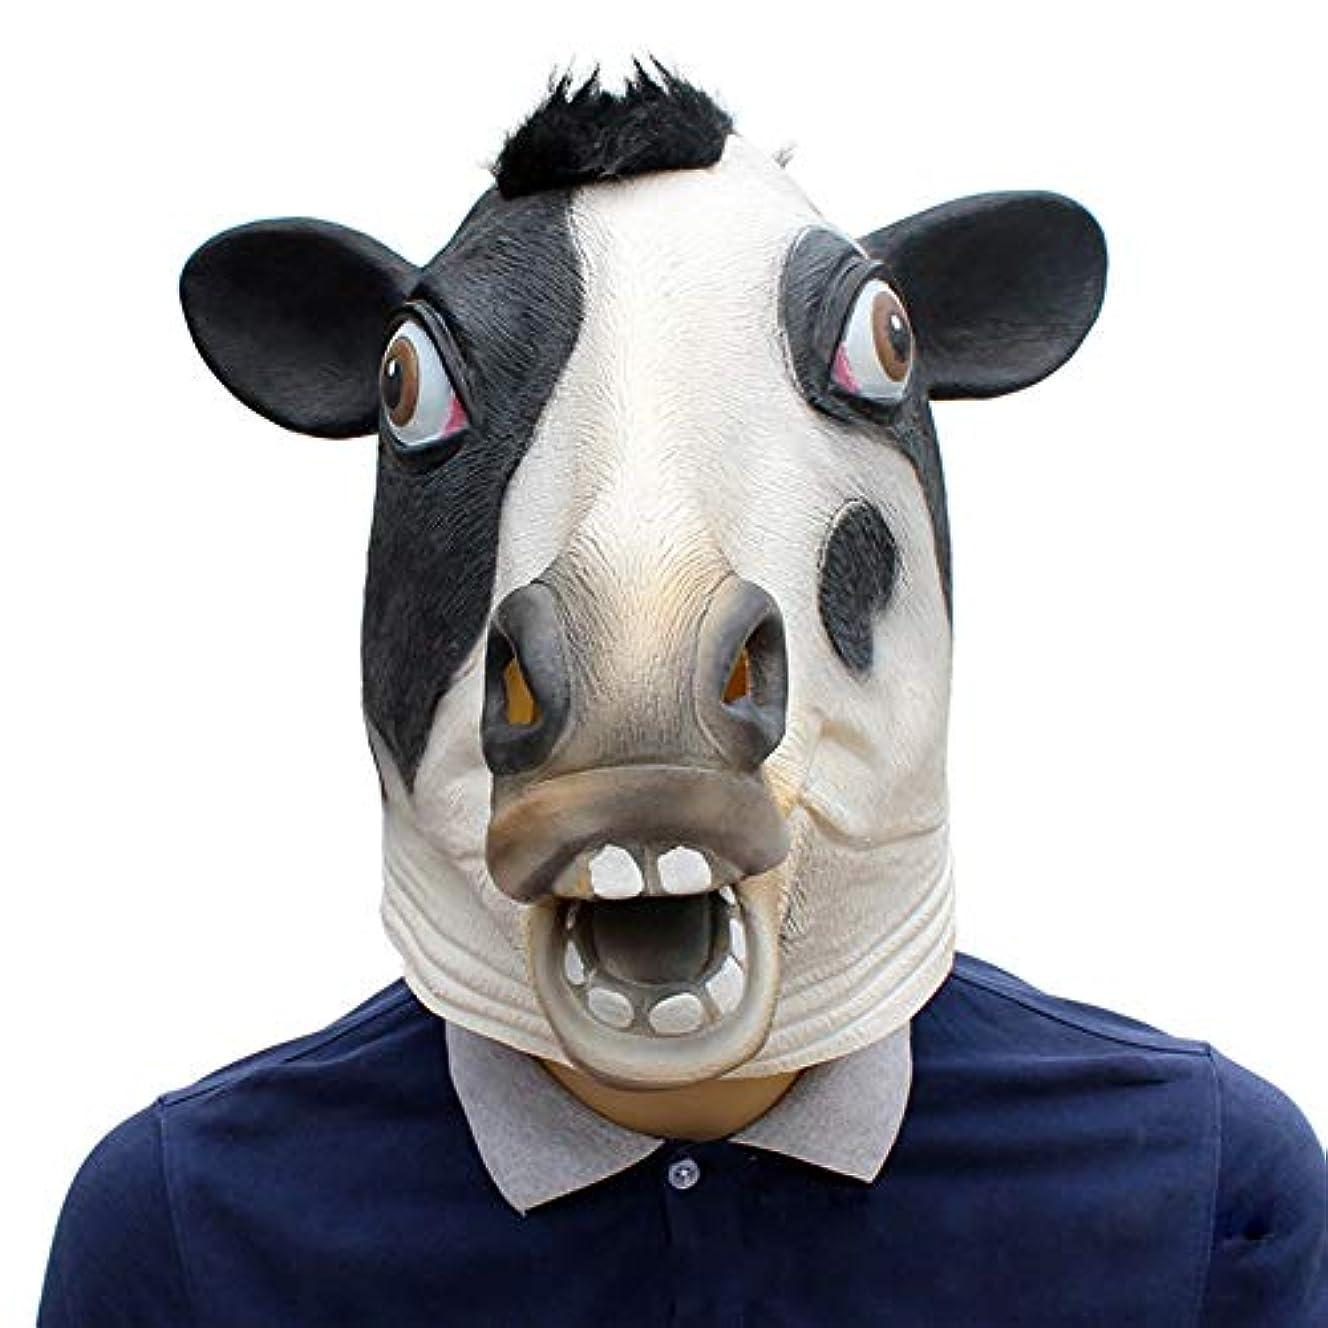 無しシリング供給ハロウィーンマスク、牛ラテックスマスク、ハロウィーン、テーマパーティー、カーニバル、レイブパーティー、バー、小道具、映画。